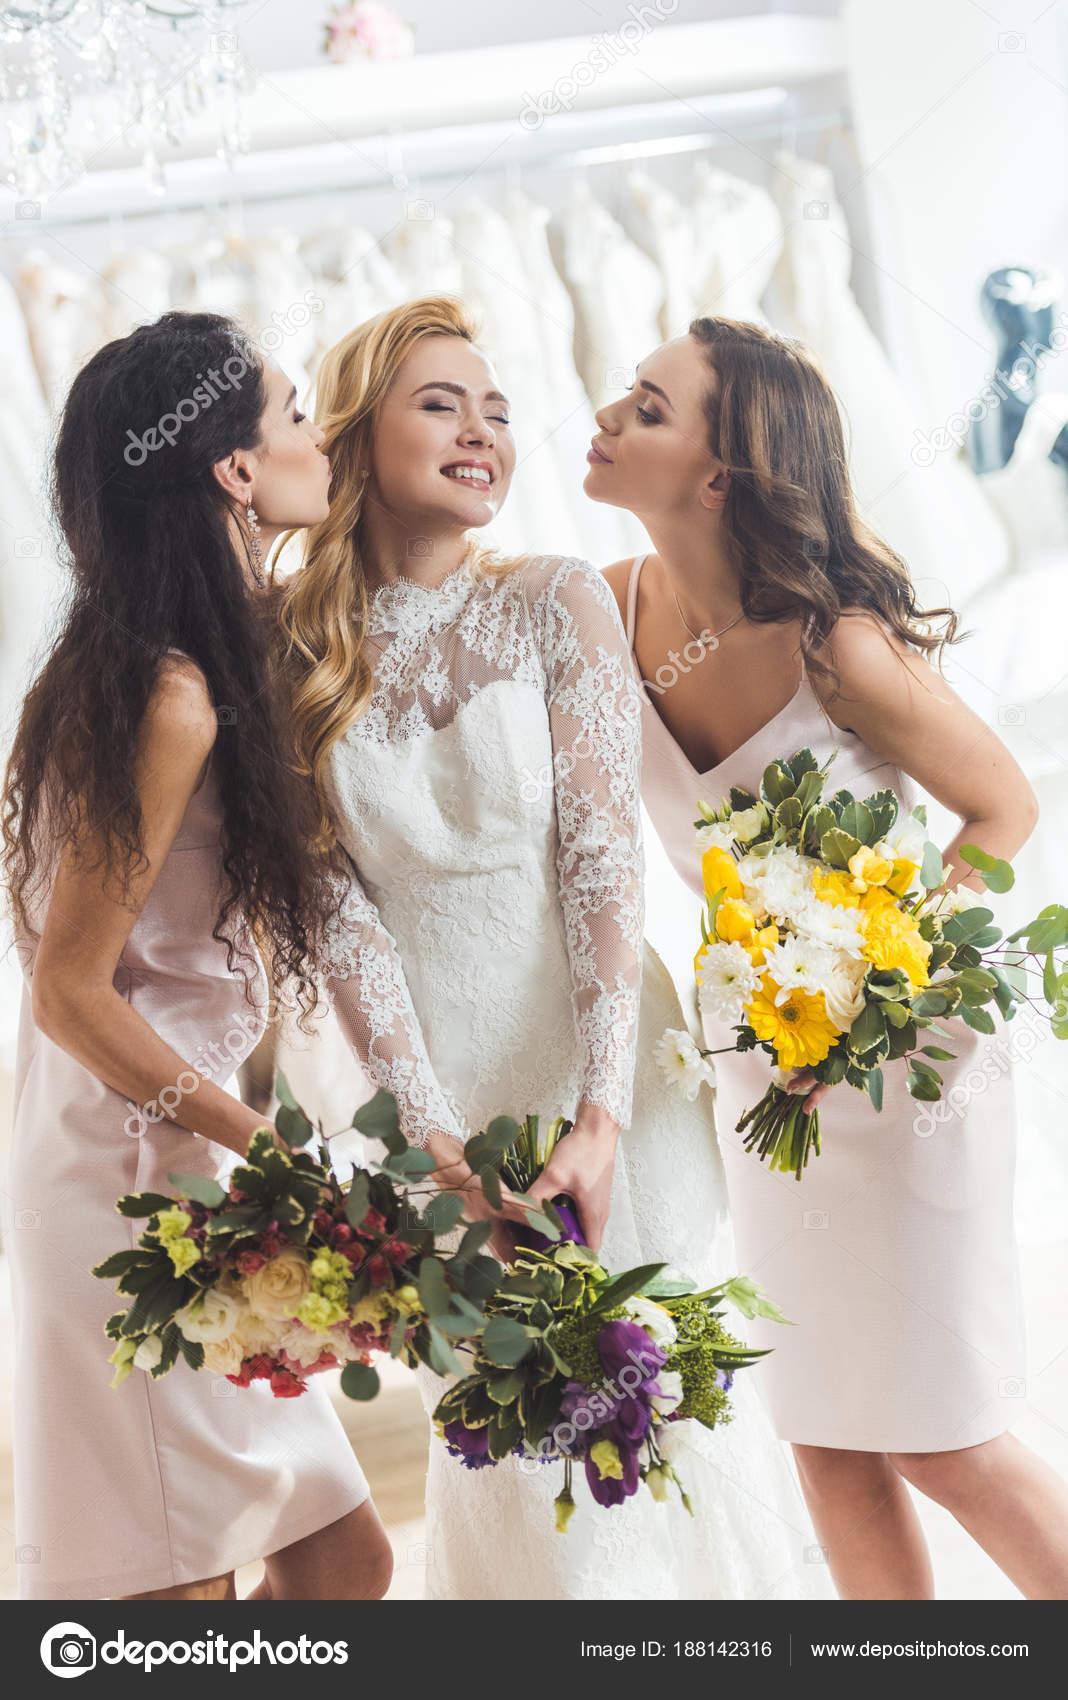 fb68aeac9 Mujeres Atractivas Vestidos Novia Besos Salón Boda — Fotos de Stock ...